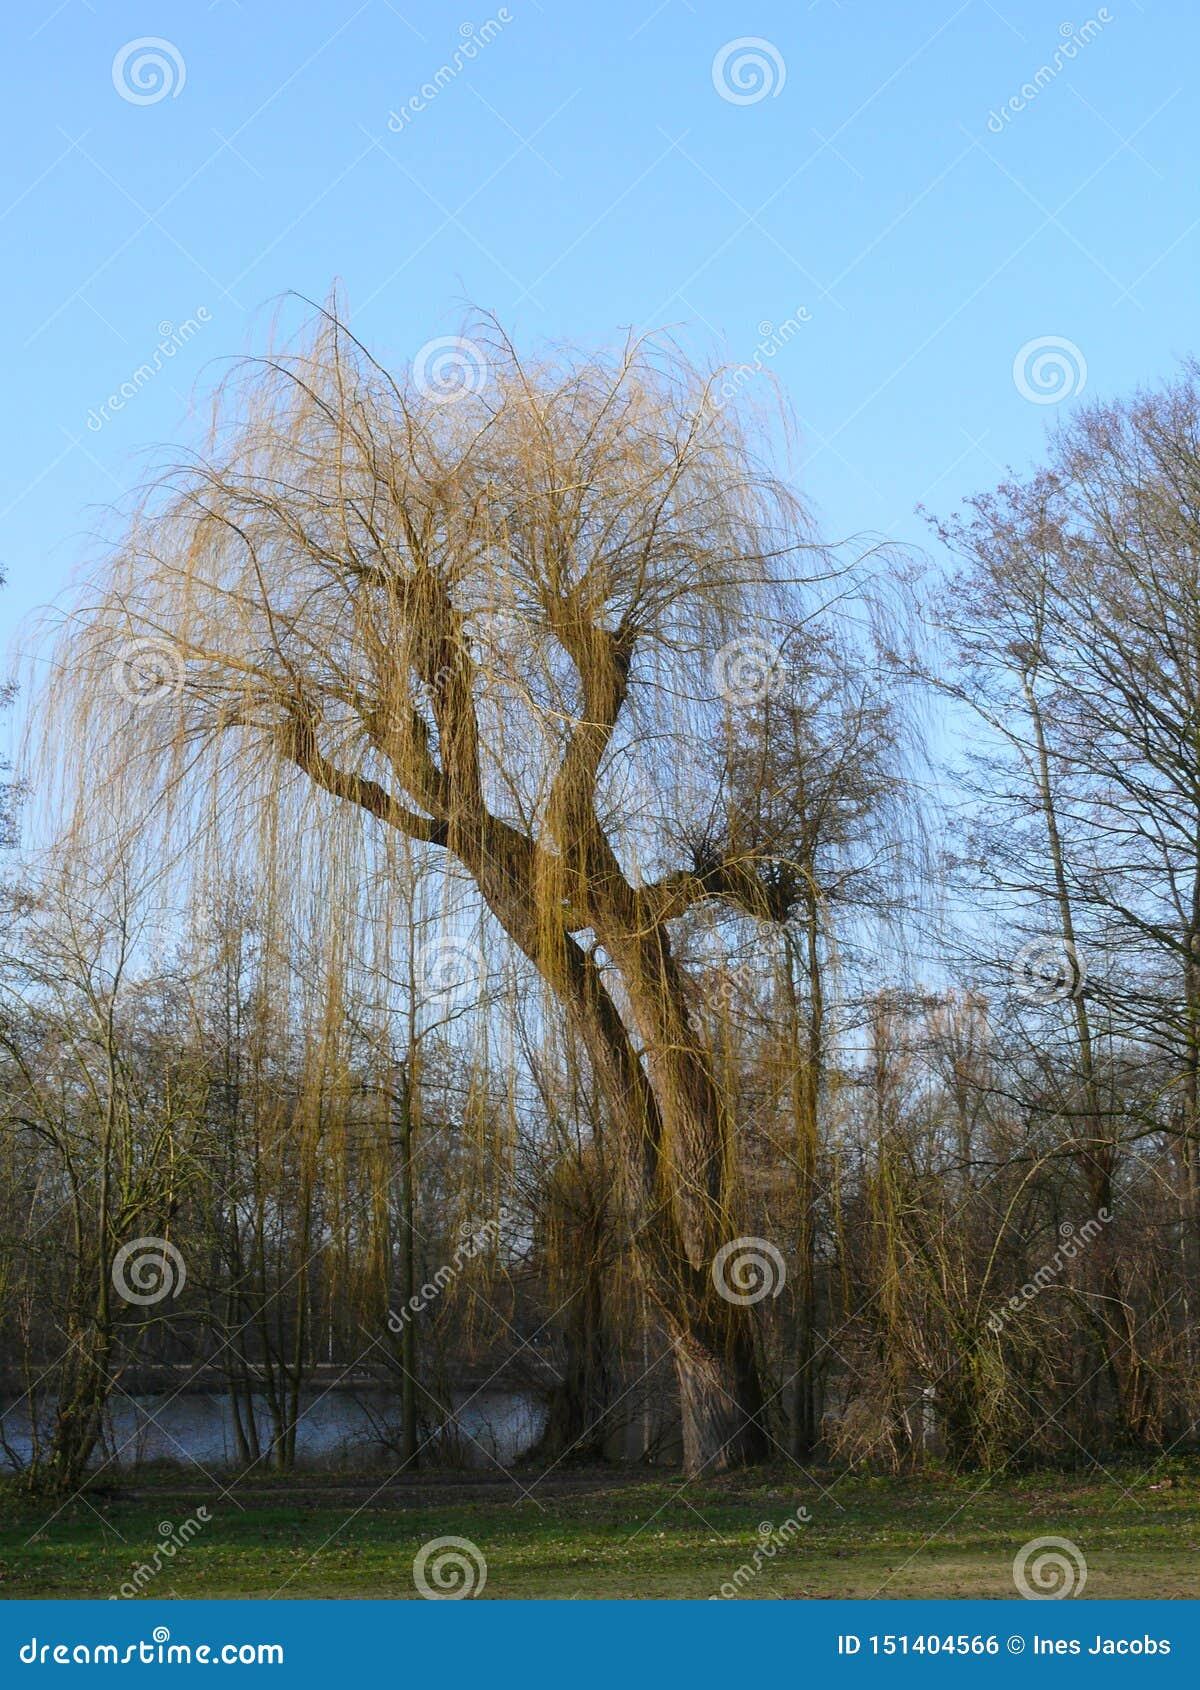 Weeping willow at a lake